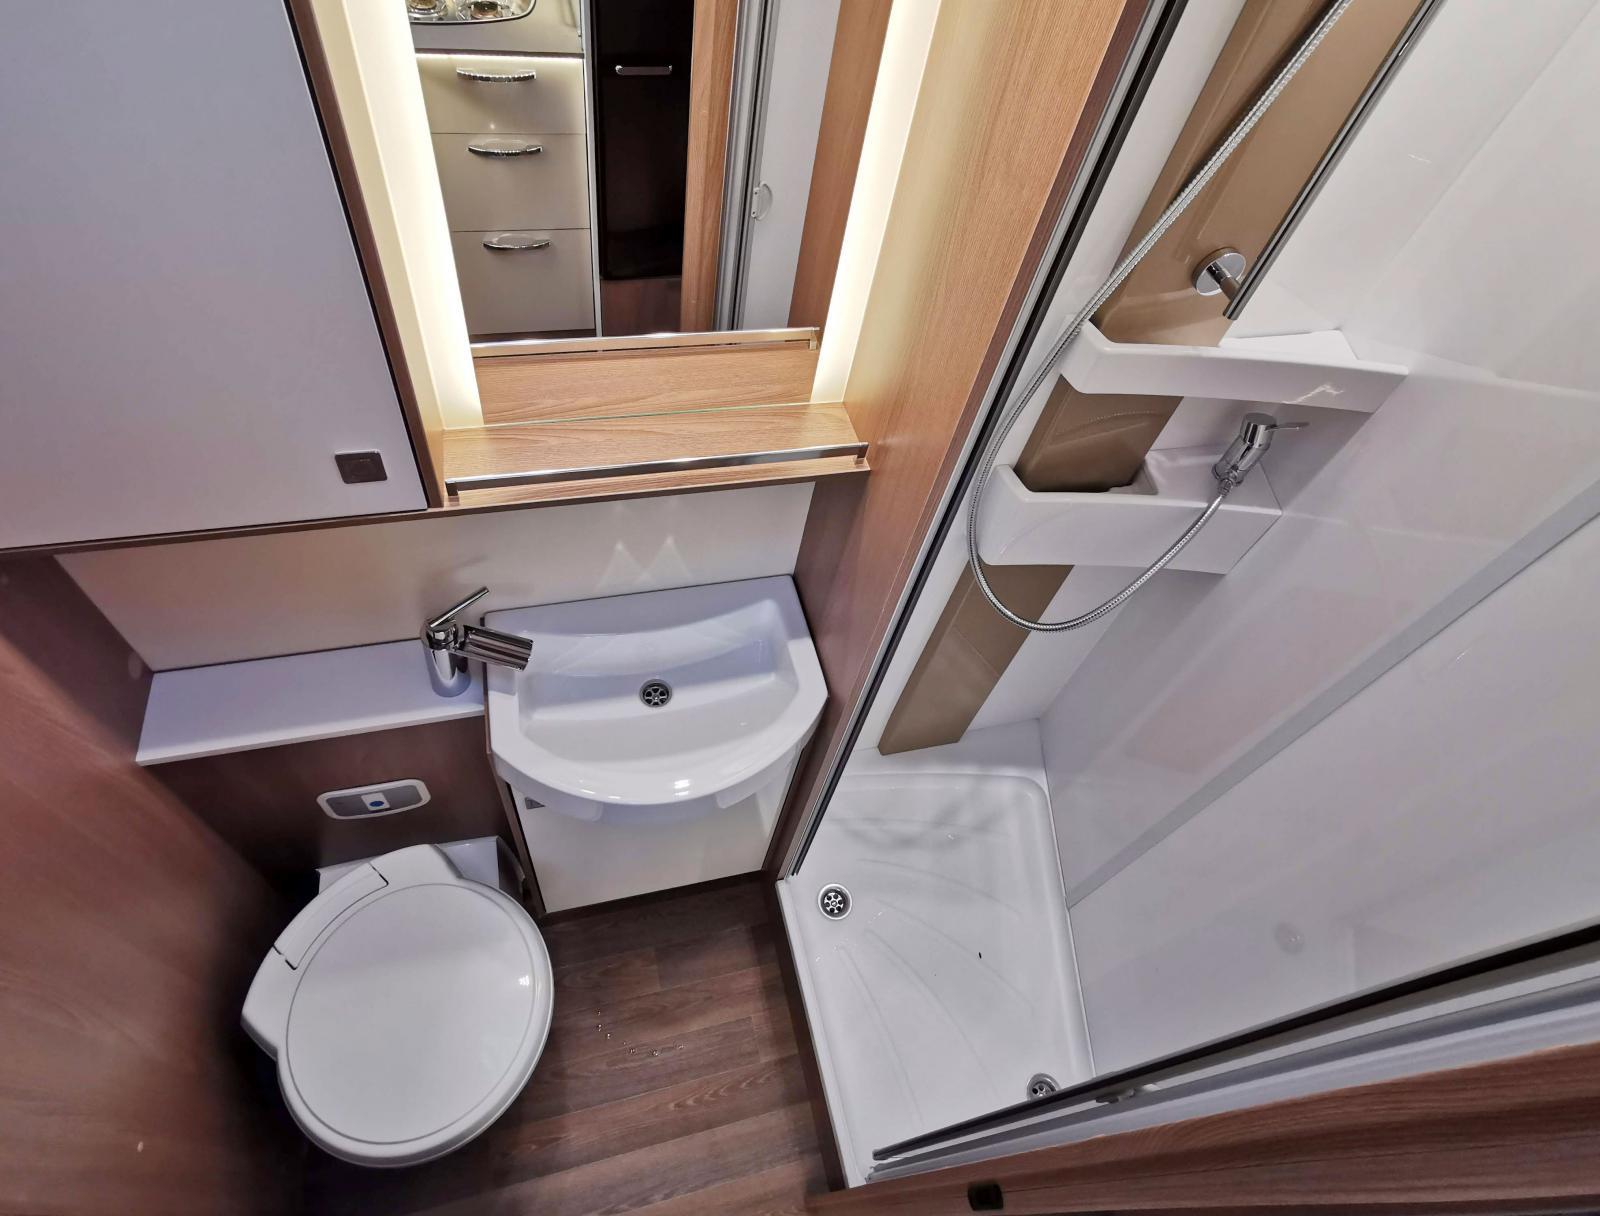 Komplett badrum i en och samma avdelning. Här finns det som behövs i form av förvaring och krokar. Bra med hyllor i duschen.